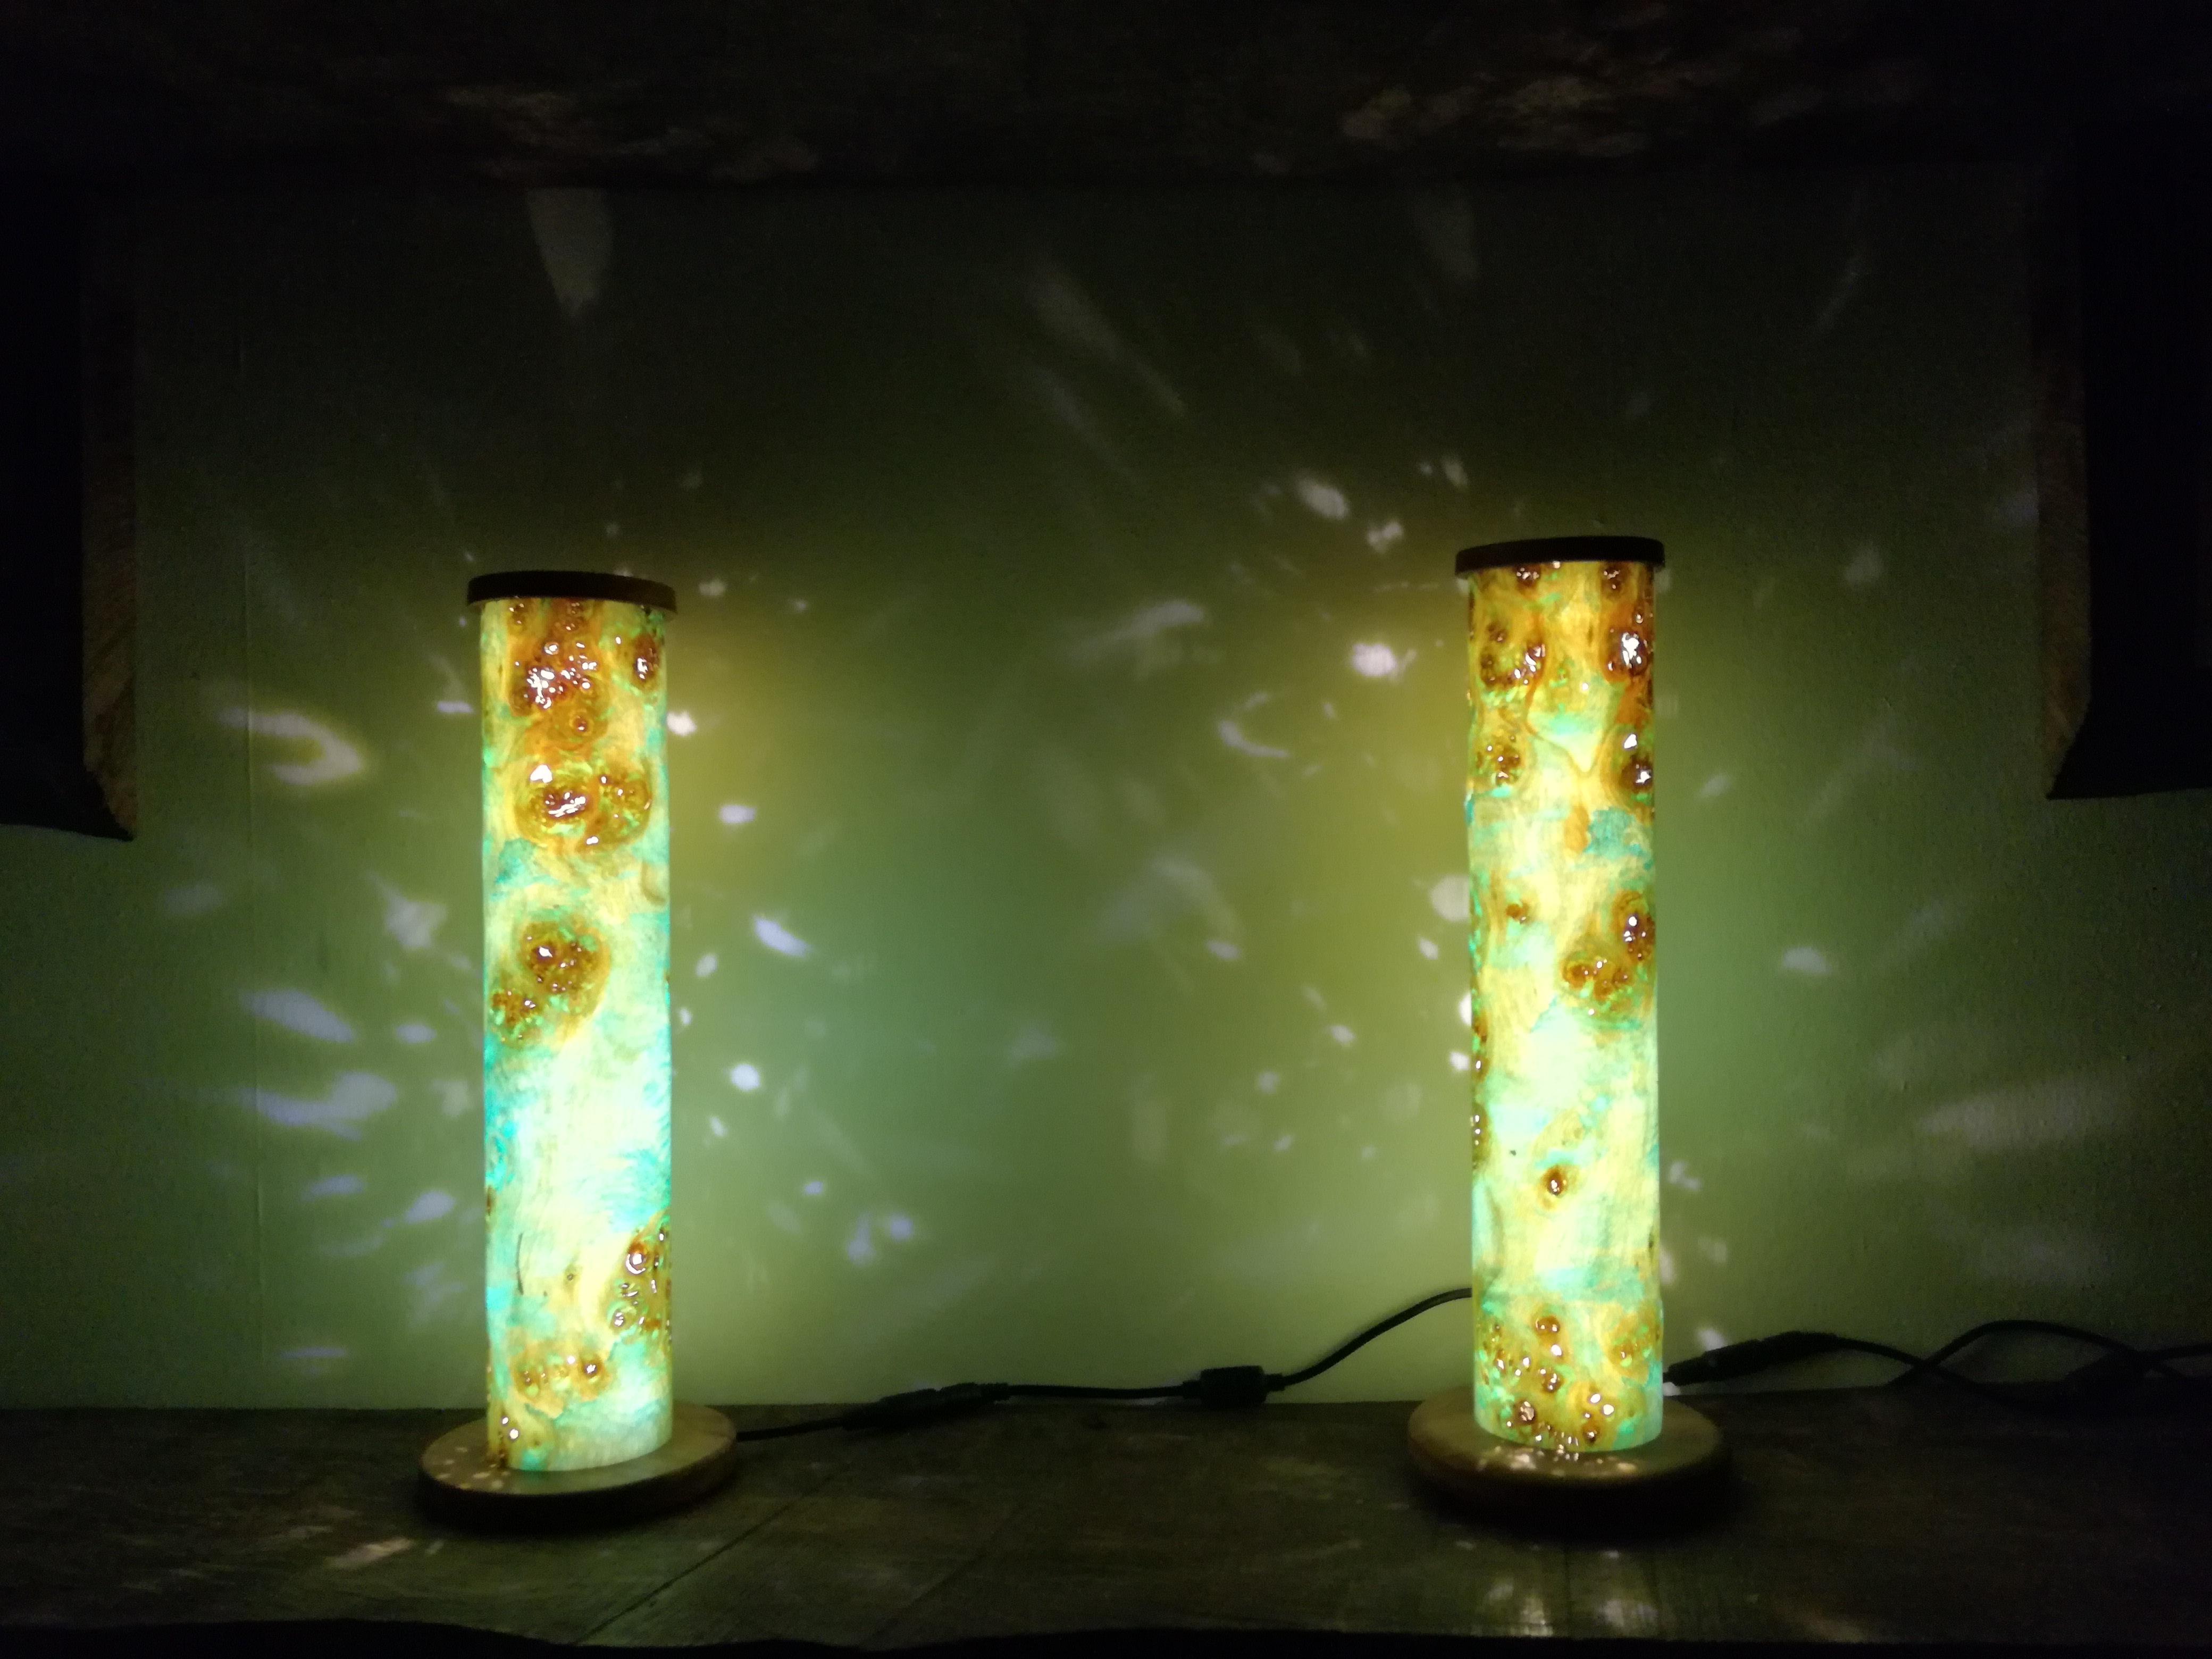 Pair of tube lamps.